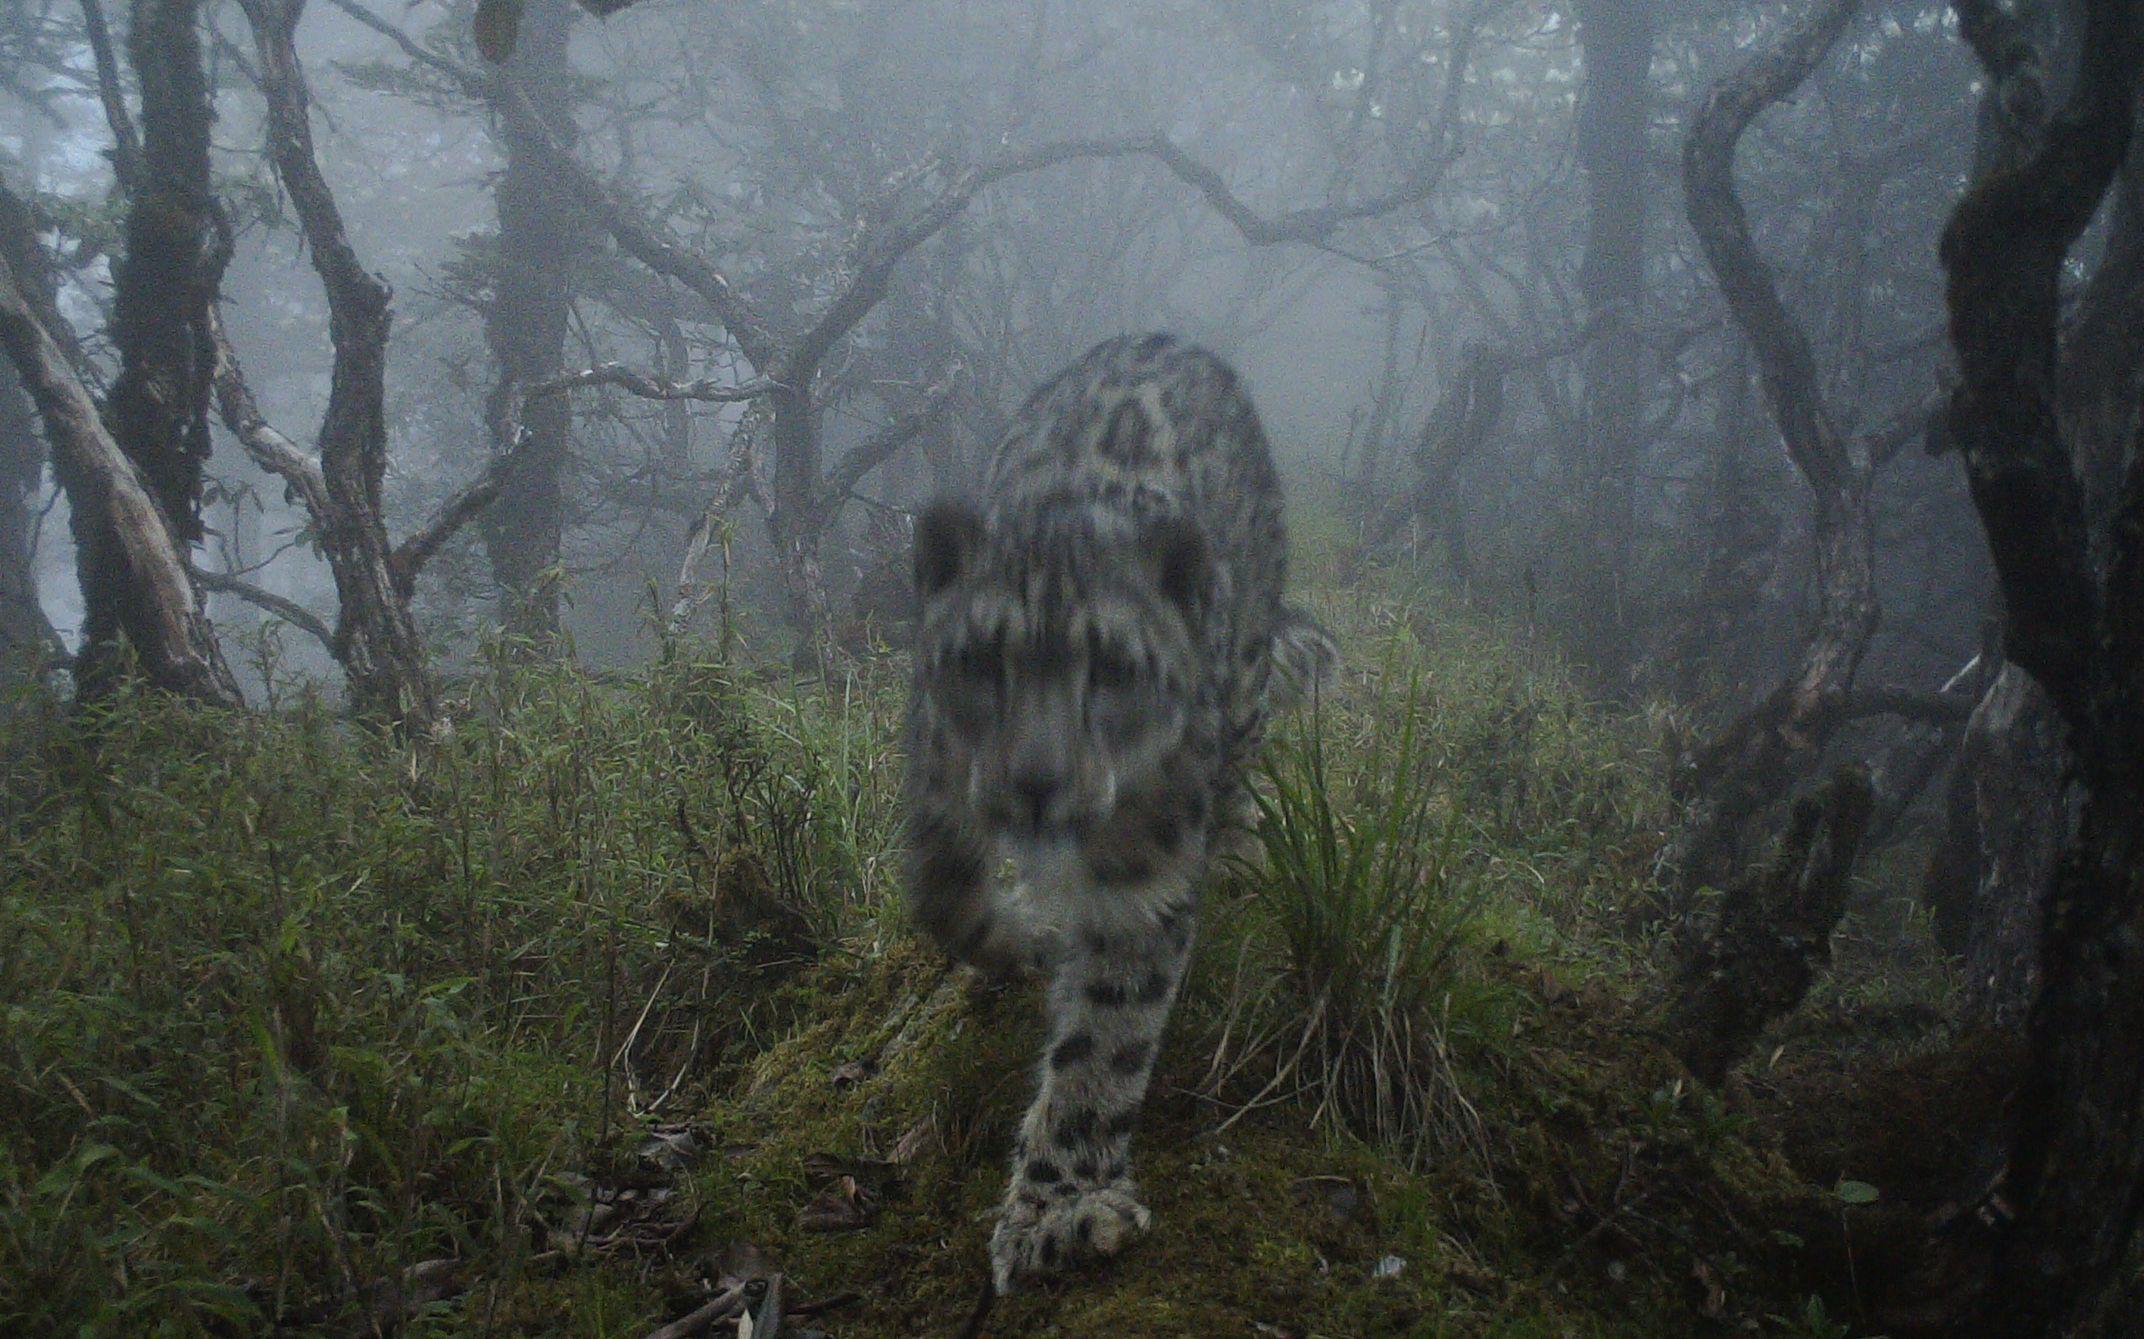 全球首次!雪豹现身四川卧龙大熊猫栖息地